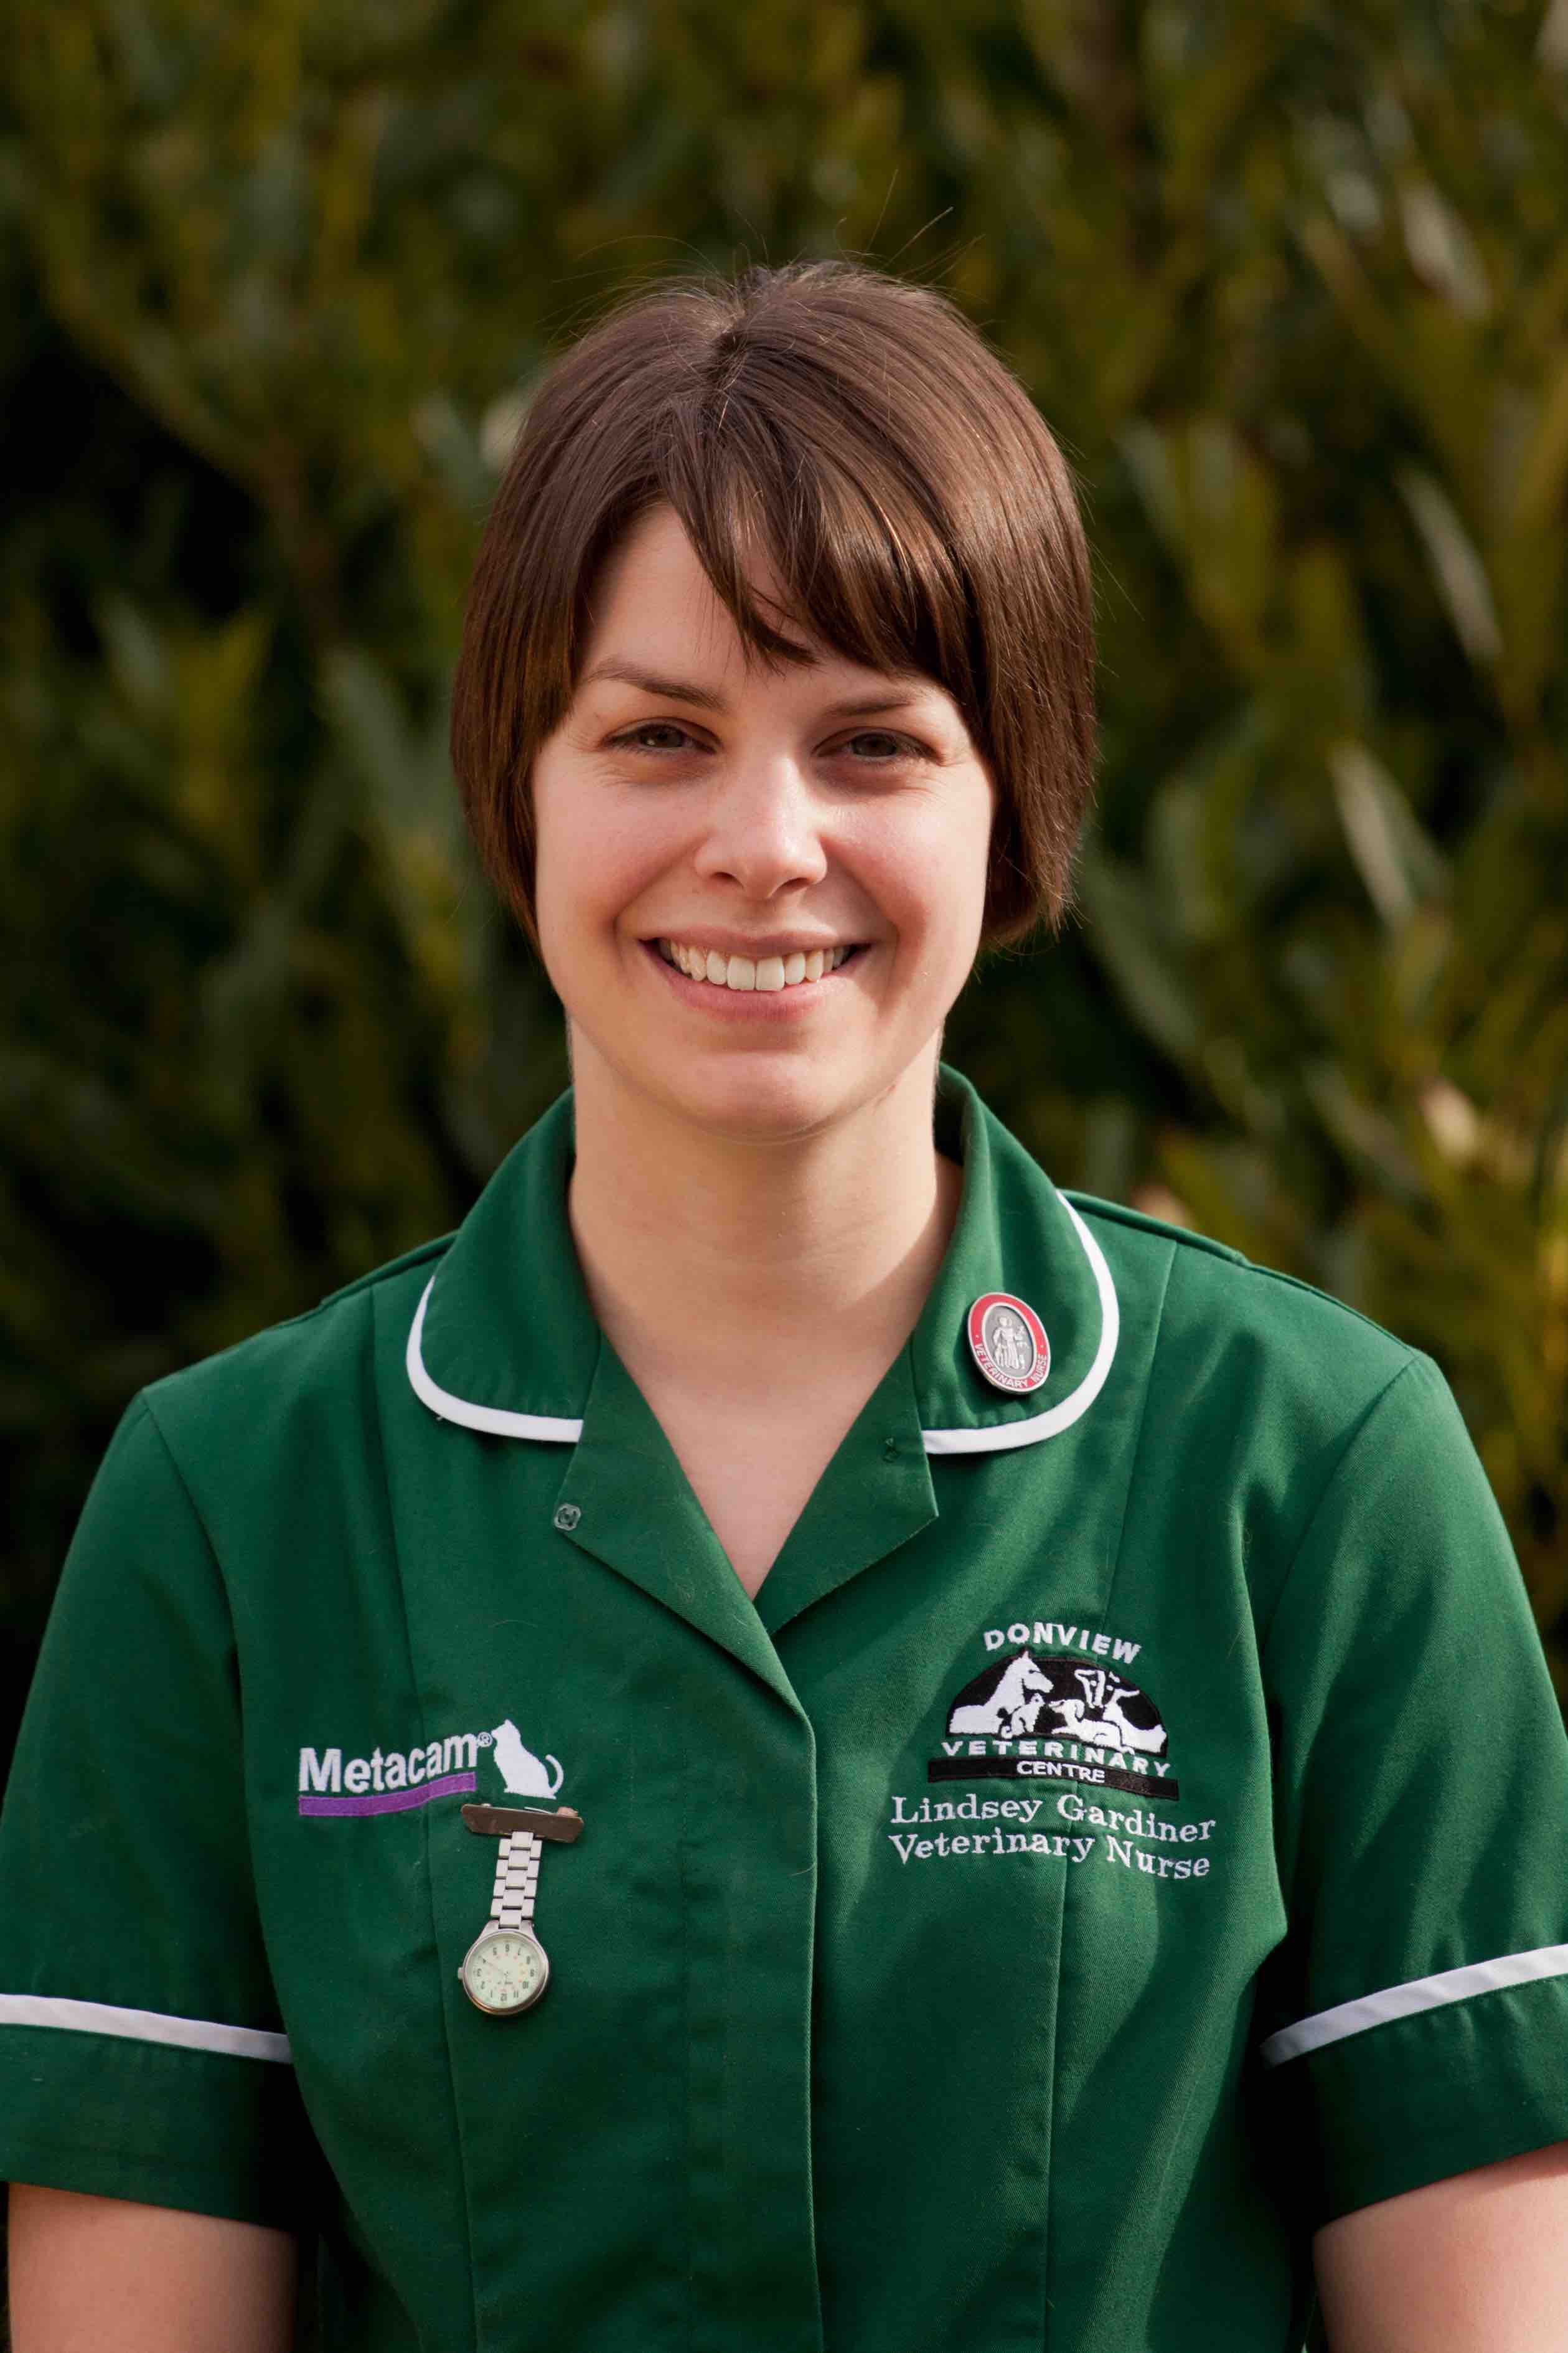 Lindsey Crichton nurse